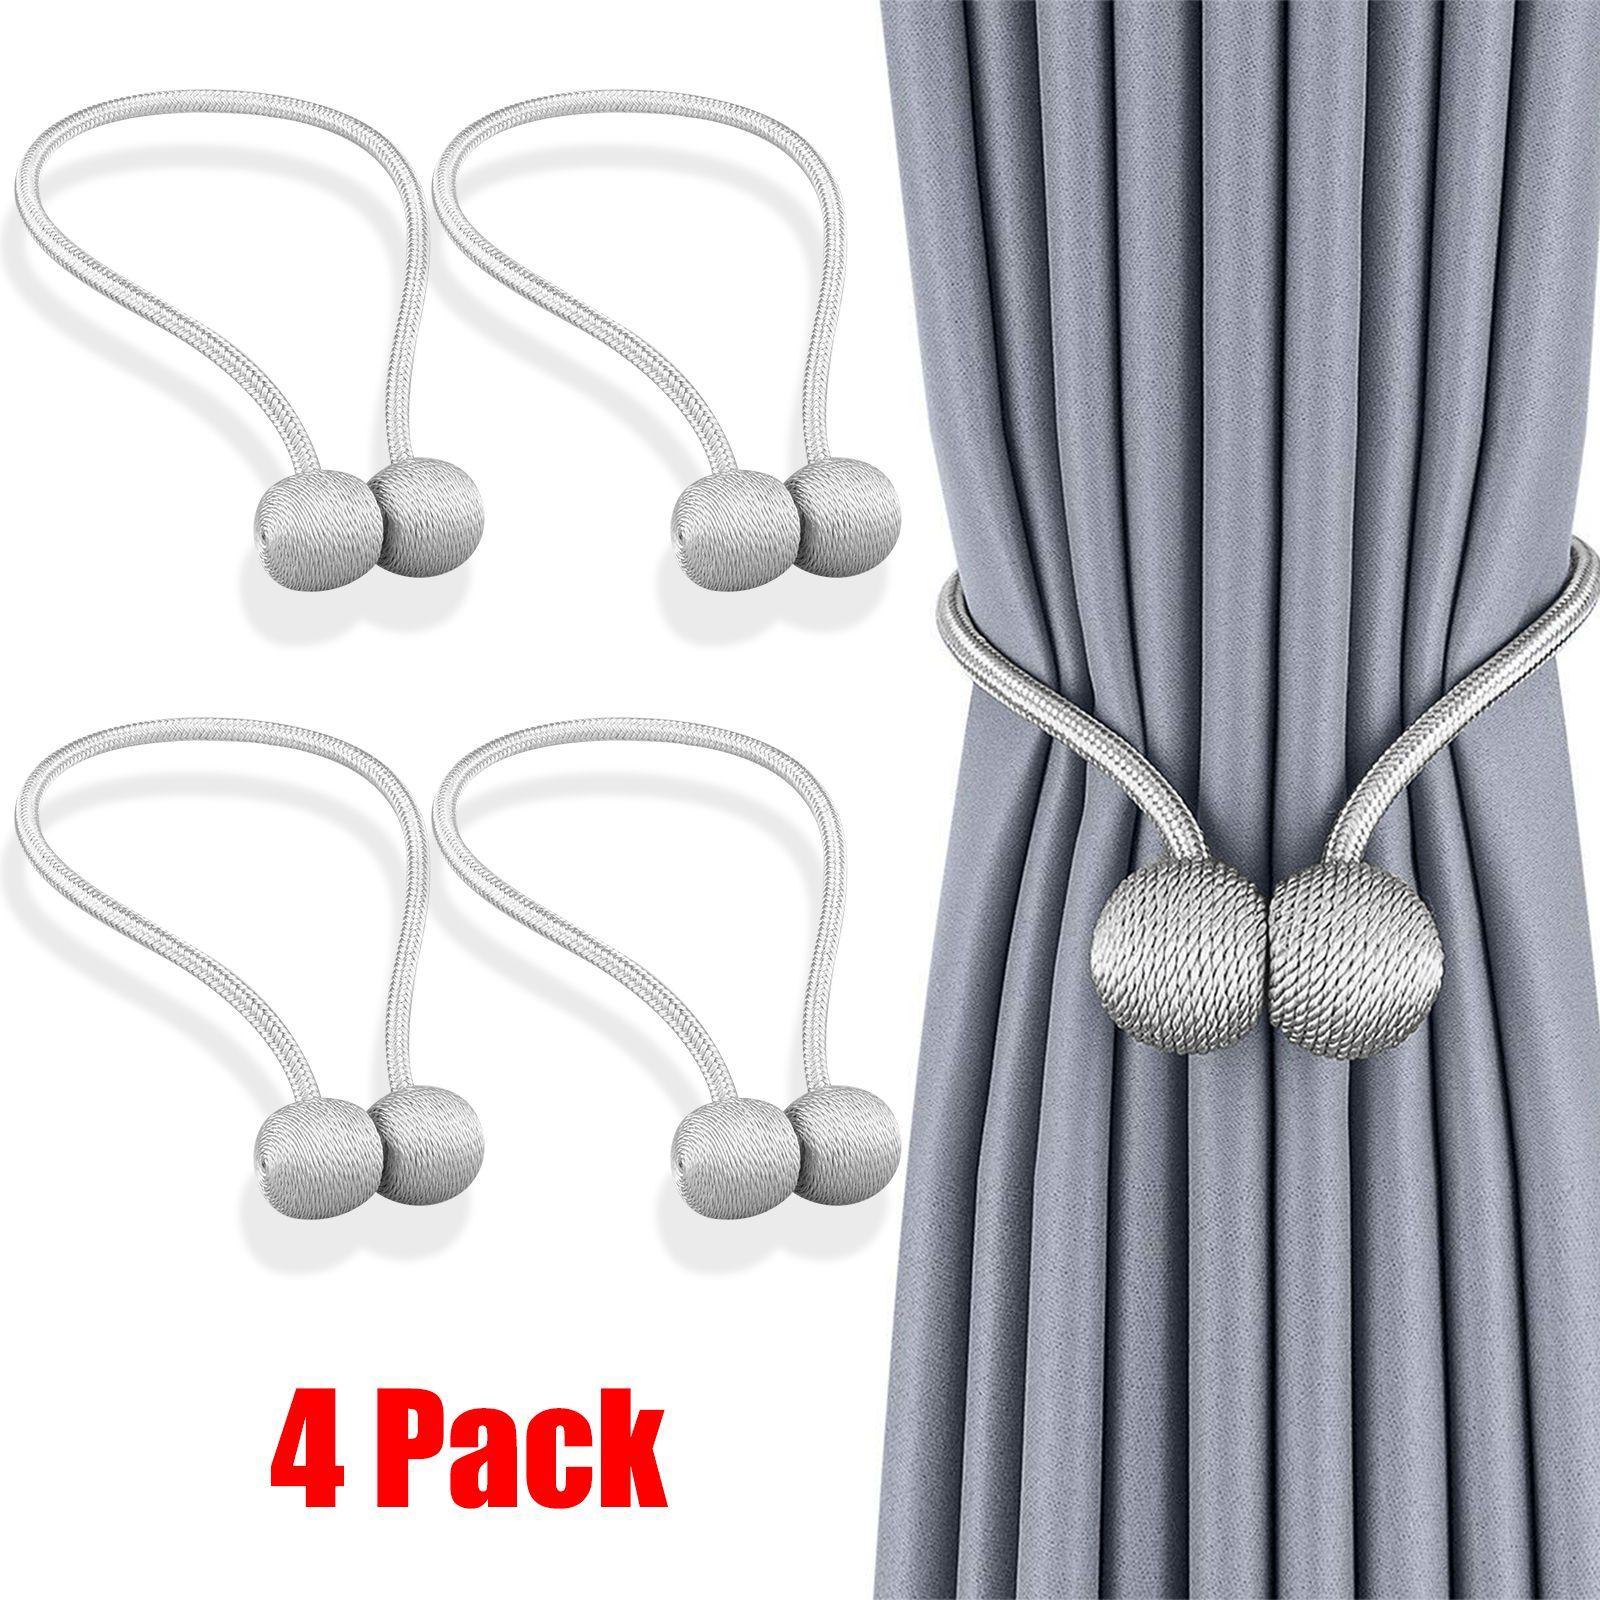 Eeekit Magnetic Curtain Tiebacks 8pcs